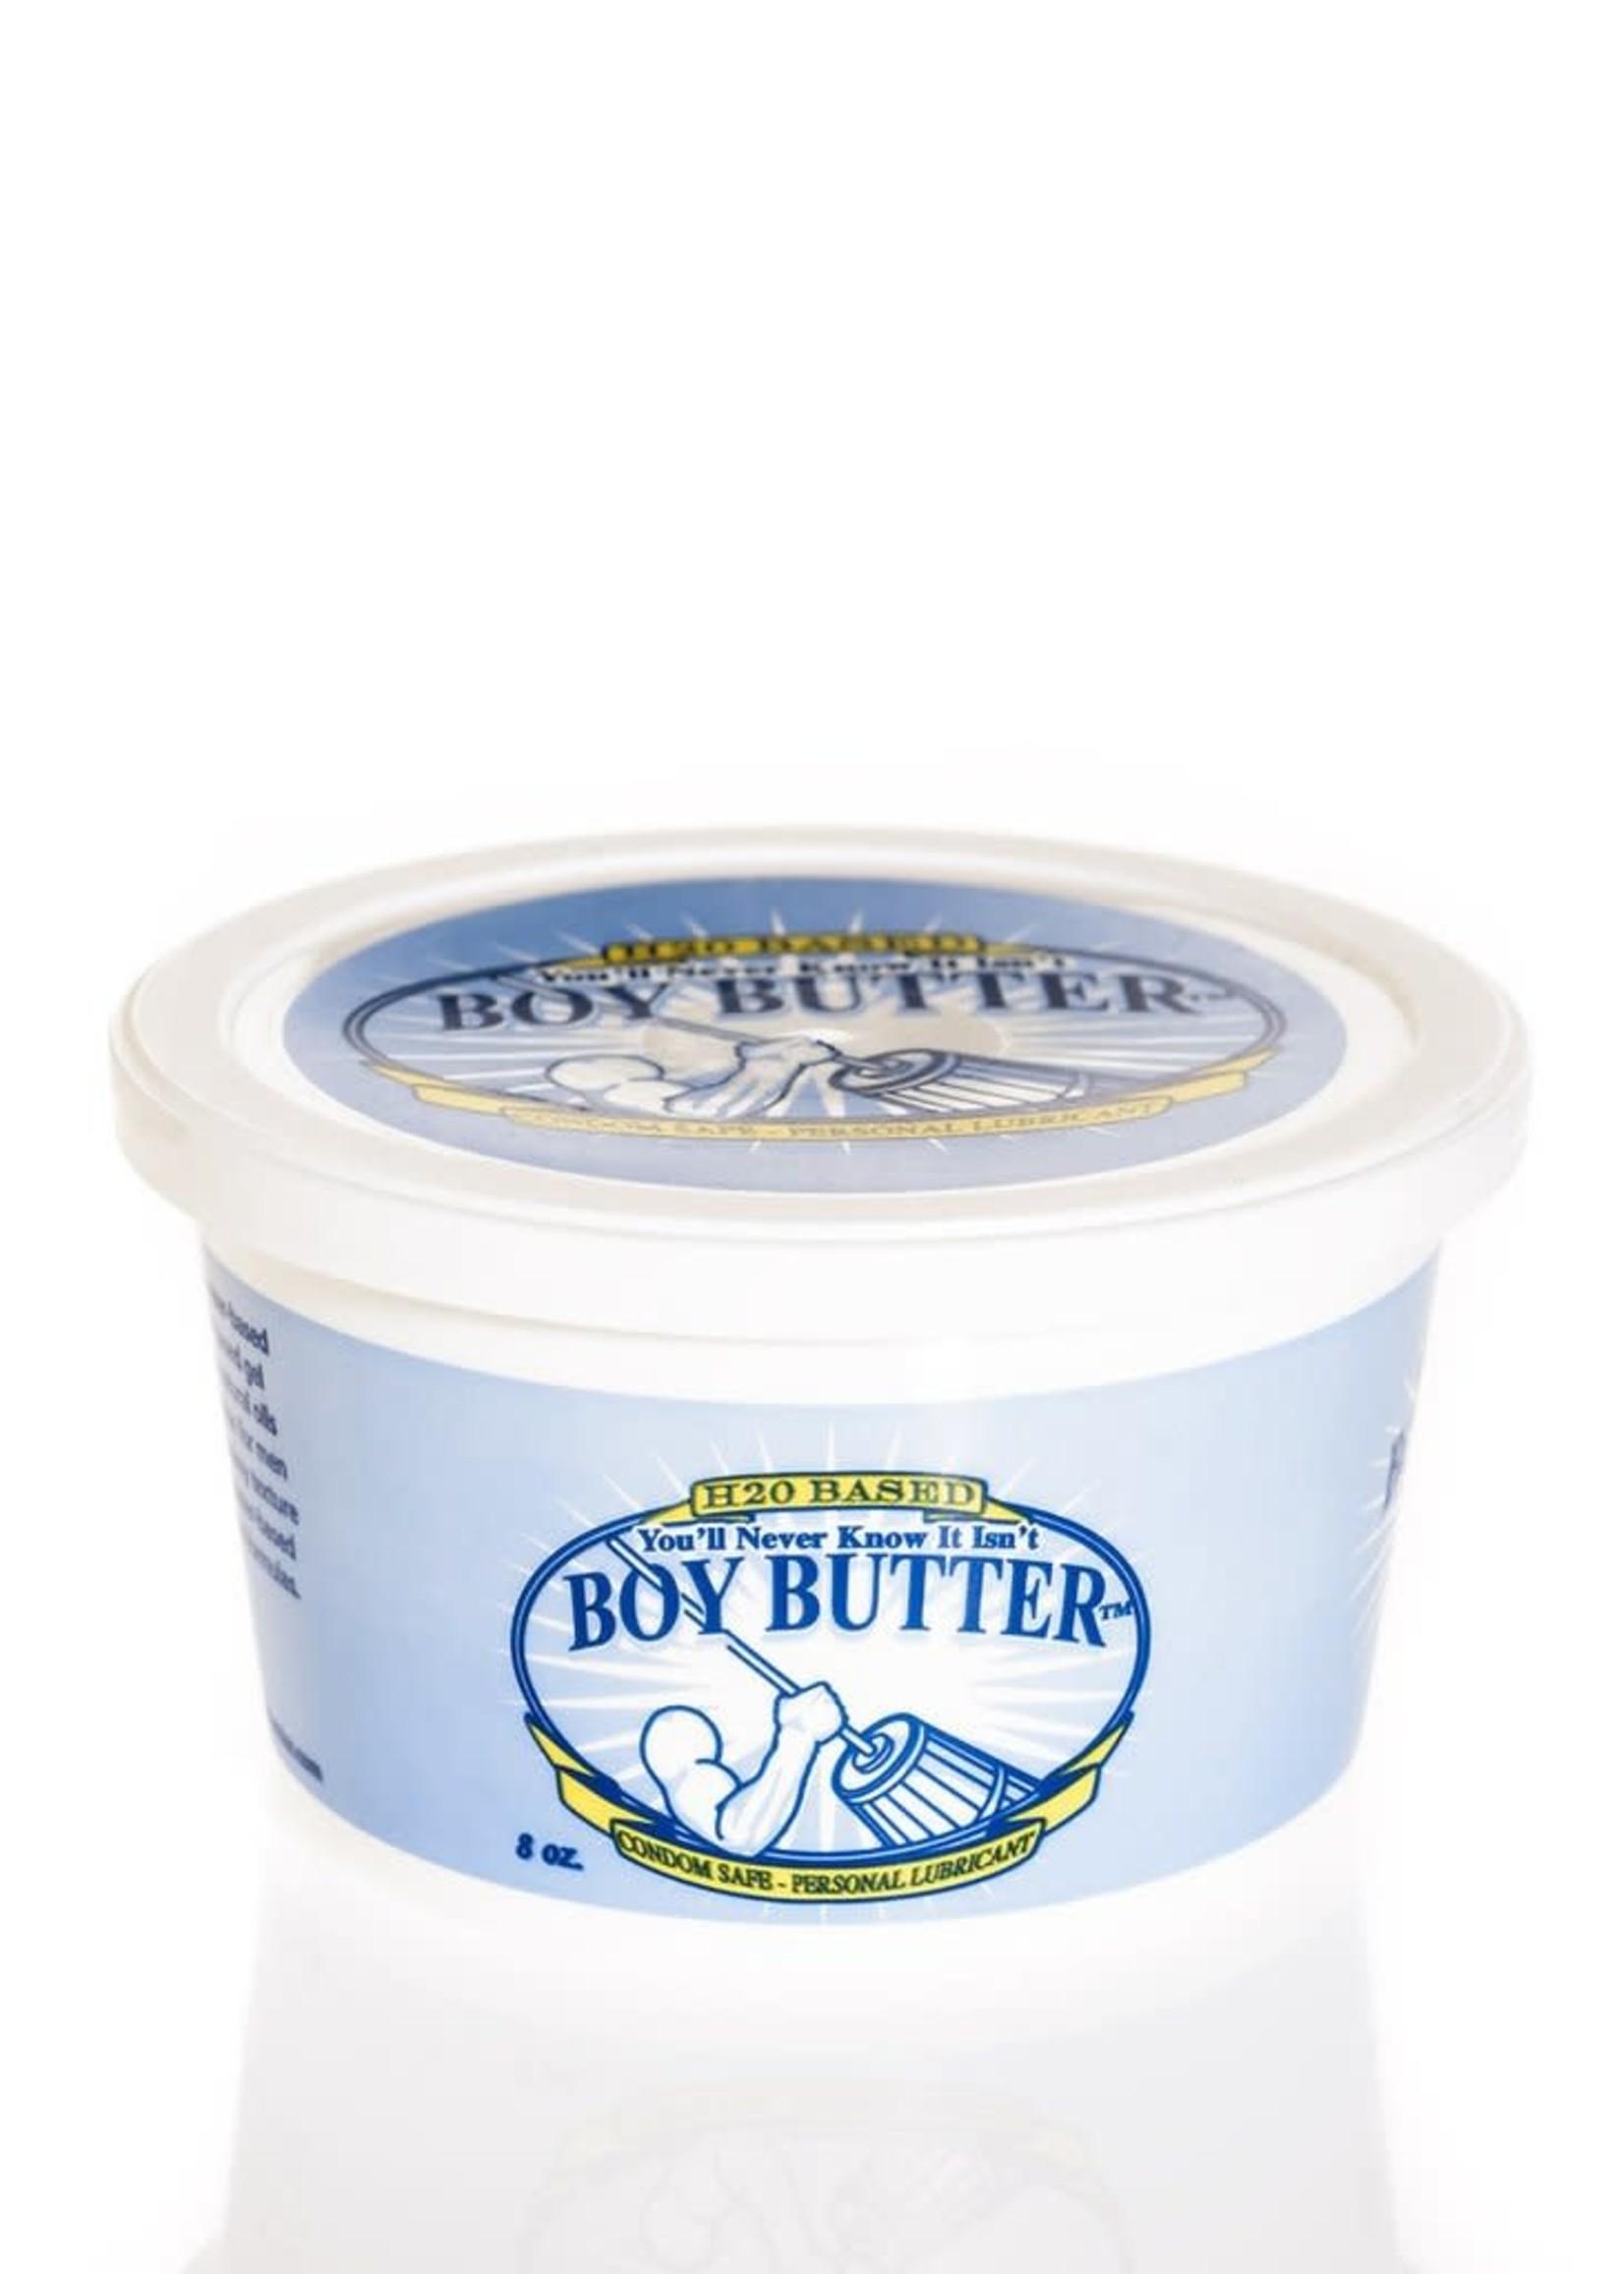 Boy Butter Boy Butter Blue H2O Tub